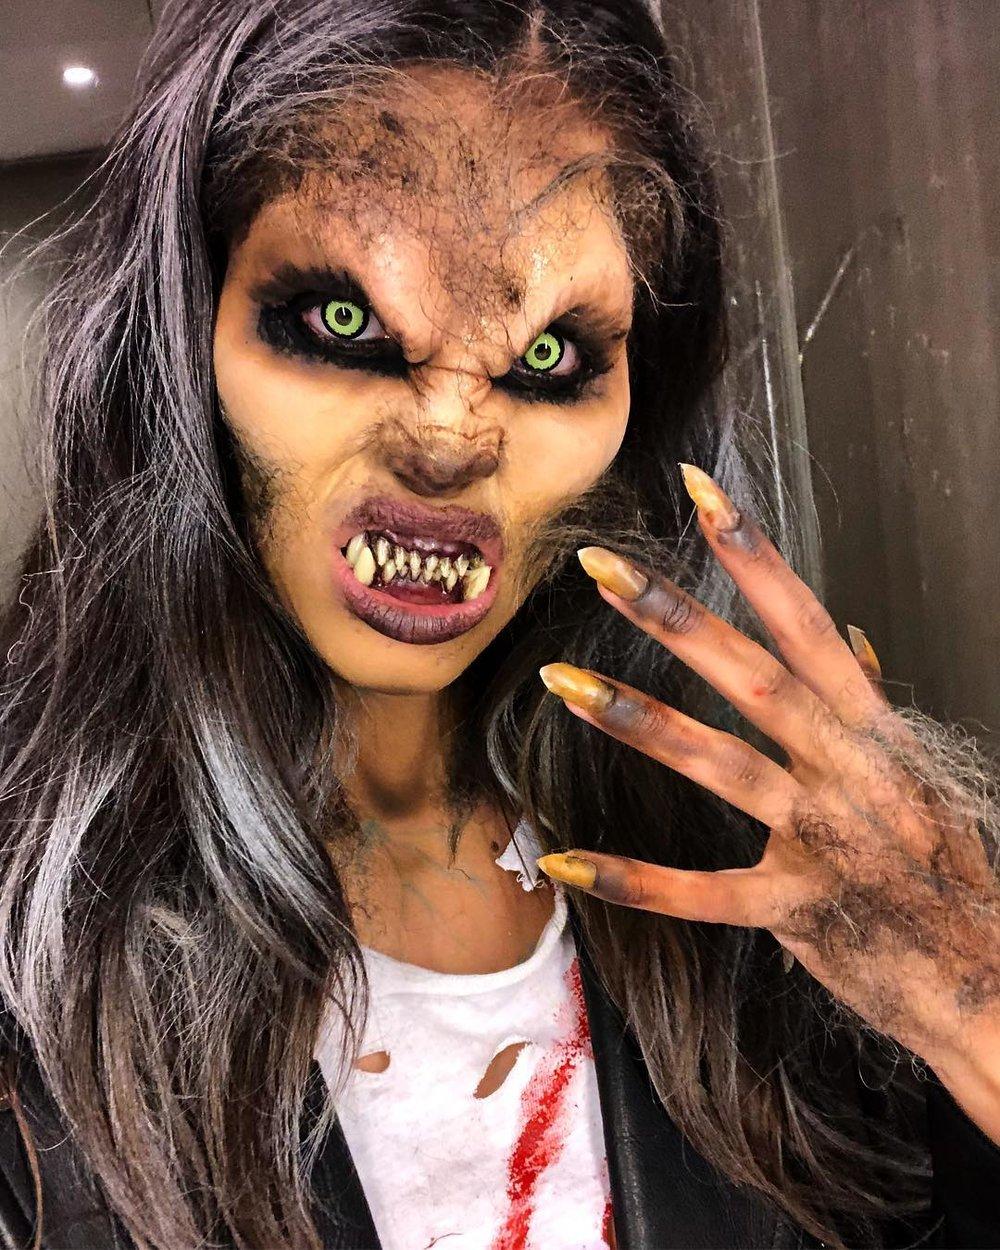 Sara Sampaio as a werewolf // via instagram.com/sarasampaio